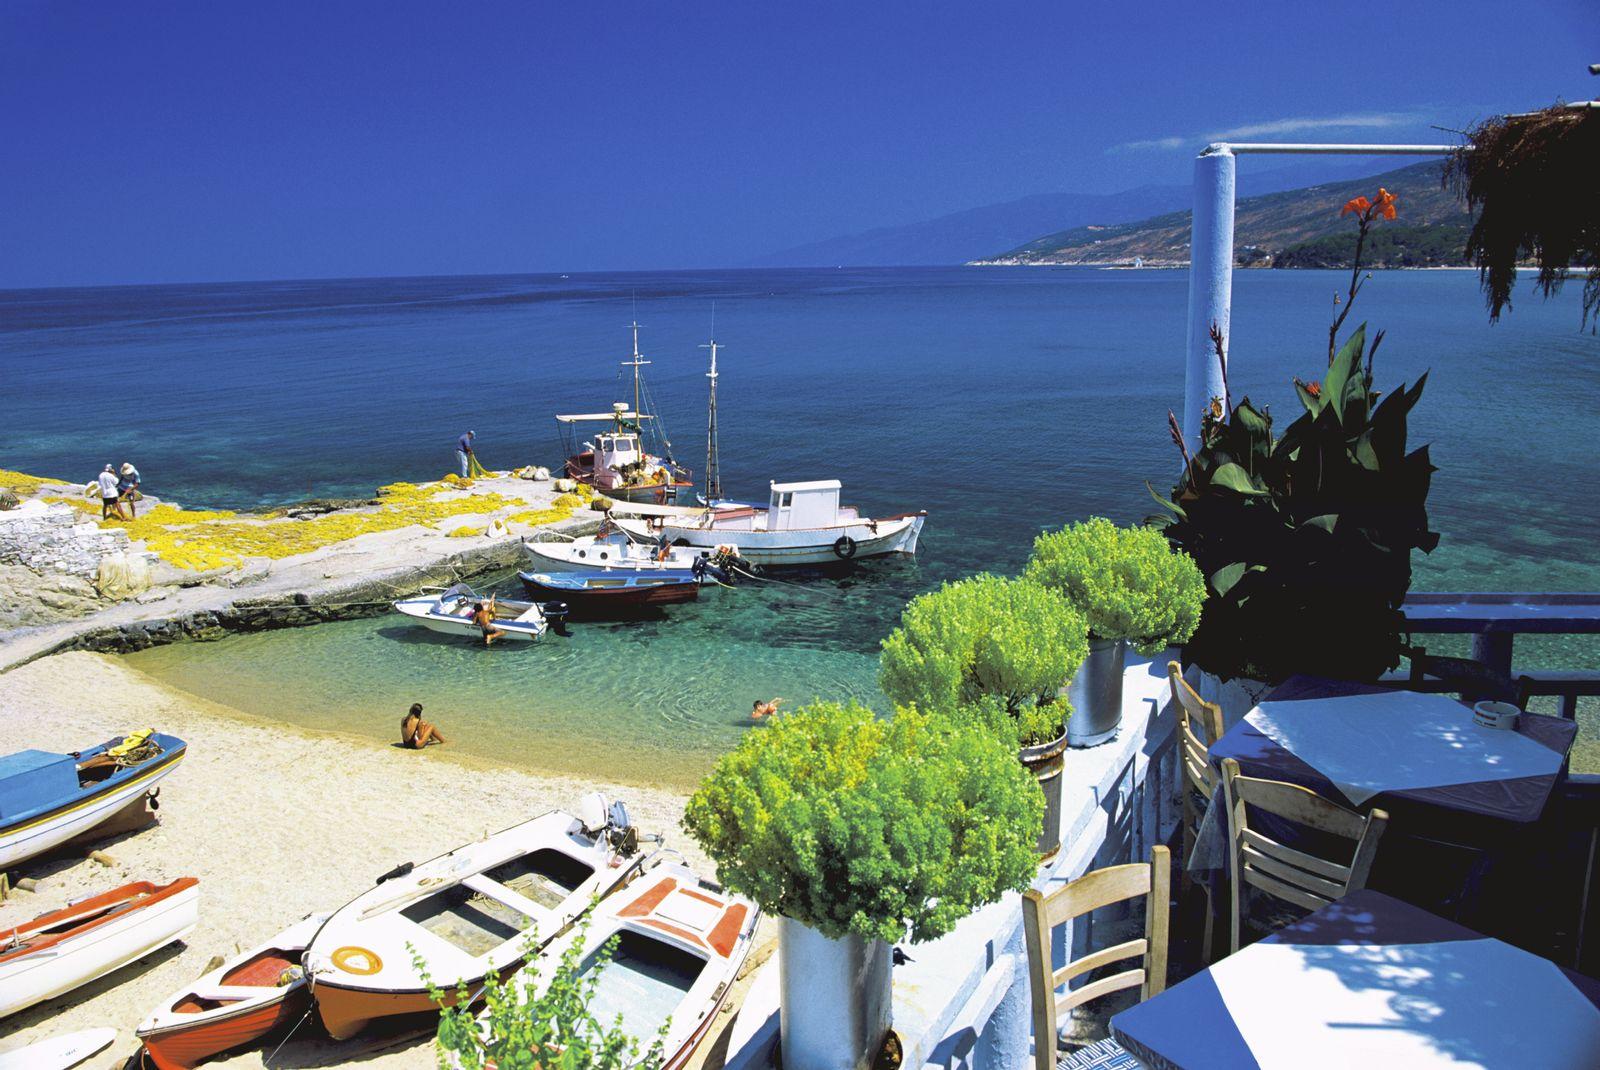 NICHT MEHR VERWENDEN! - Griechenland / Insel / Ikaria / Strand